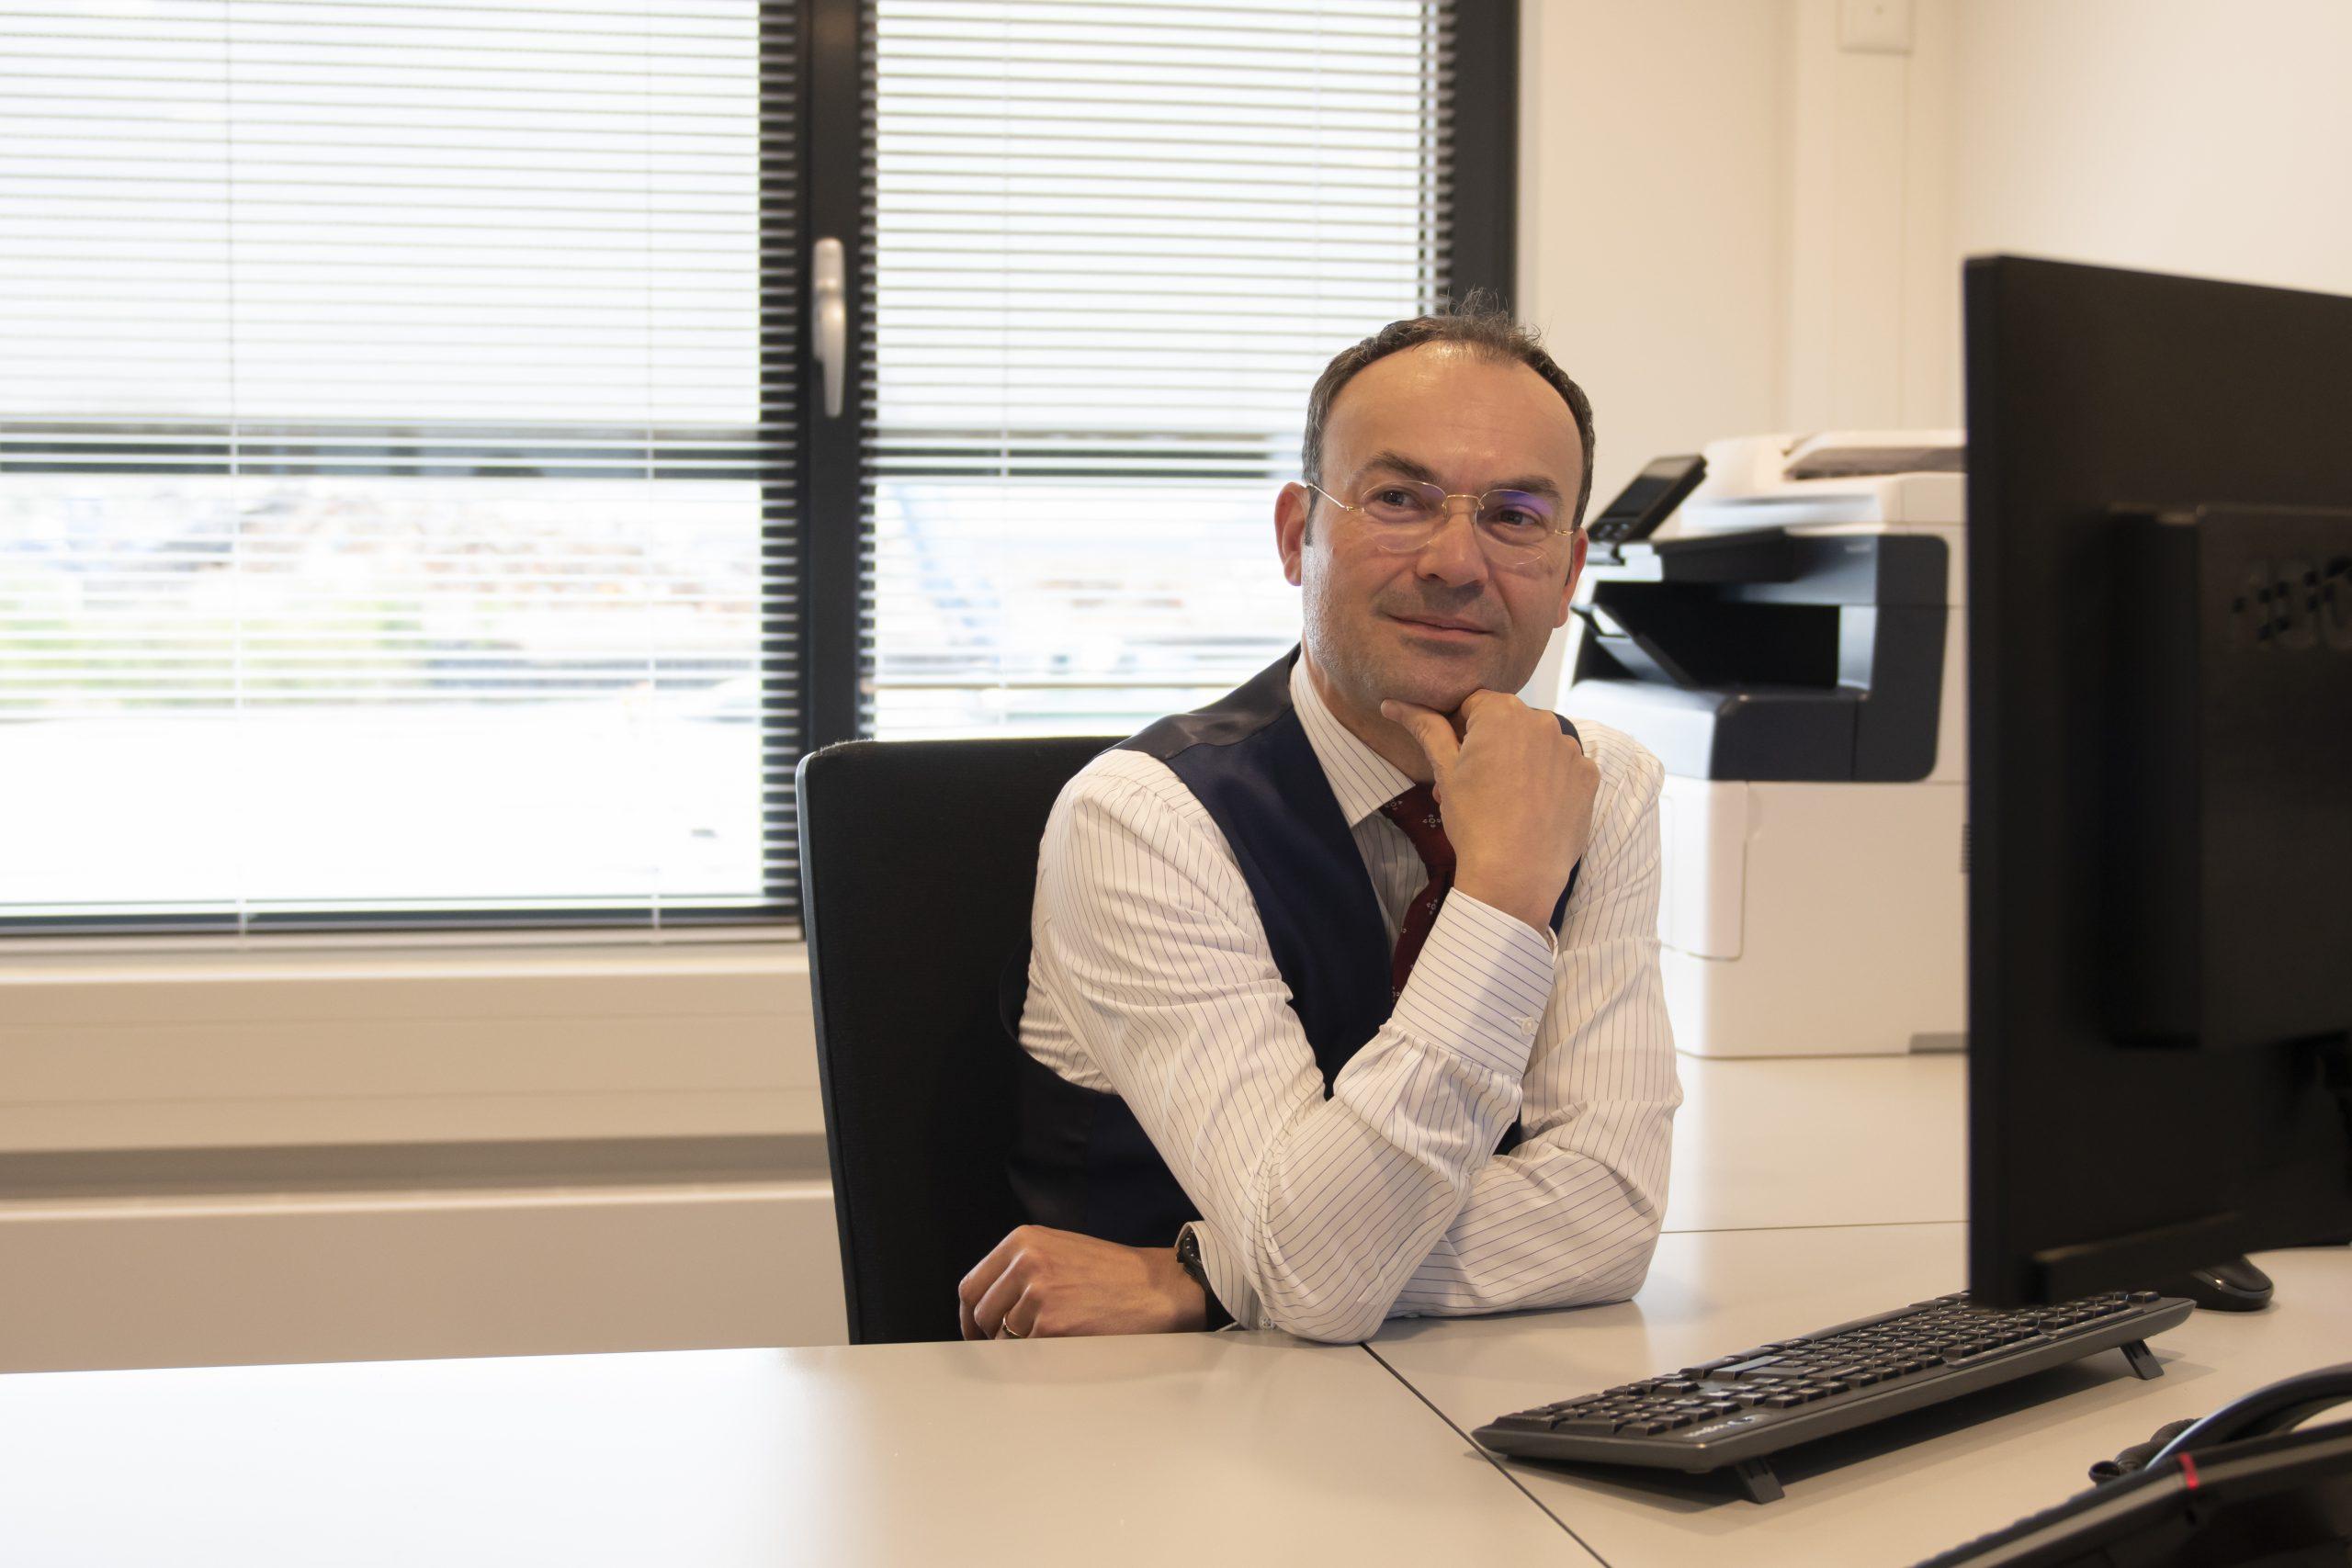 """Roy Reulen (MCM): """"Persoonlijke doelen zijn zakelijke doelen geworden sinds ik mede-eigenaar ben van MCM"""""""